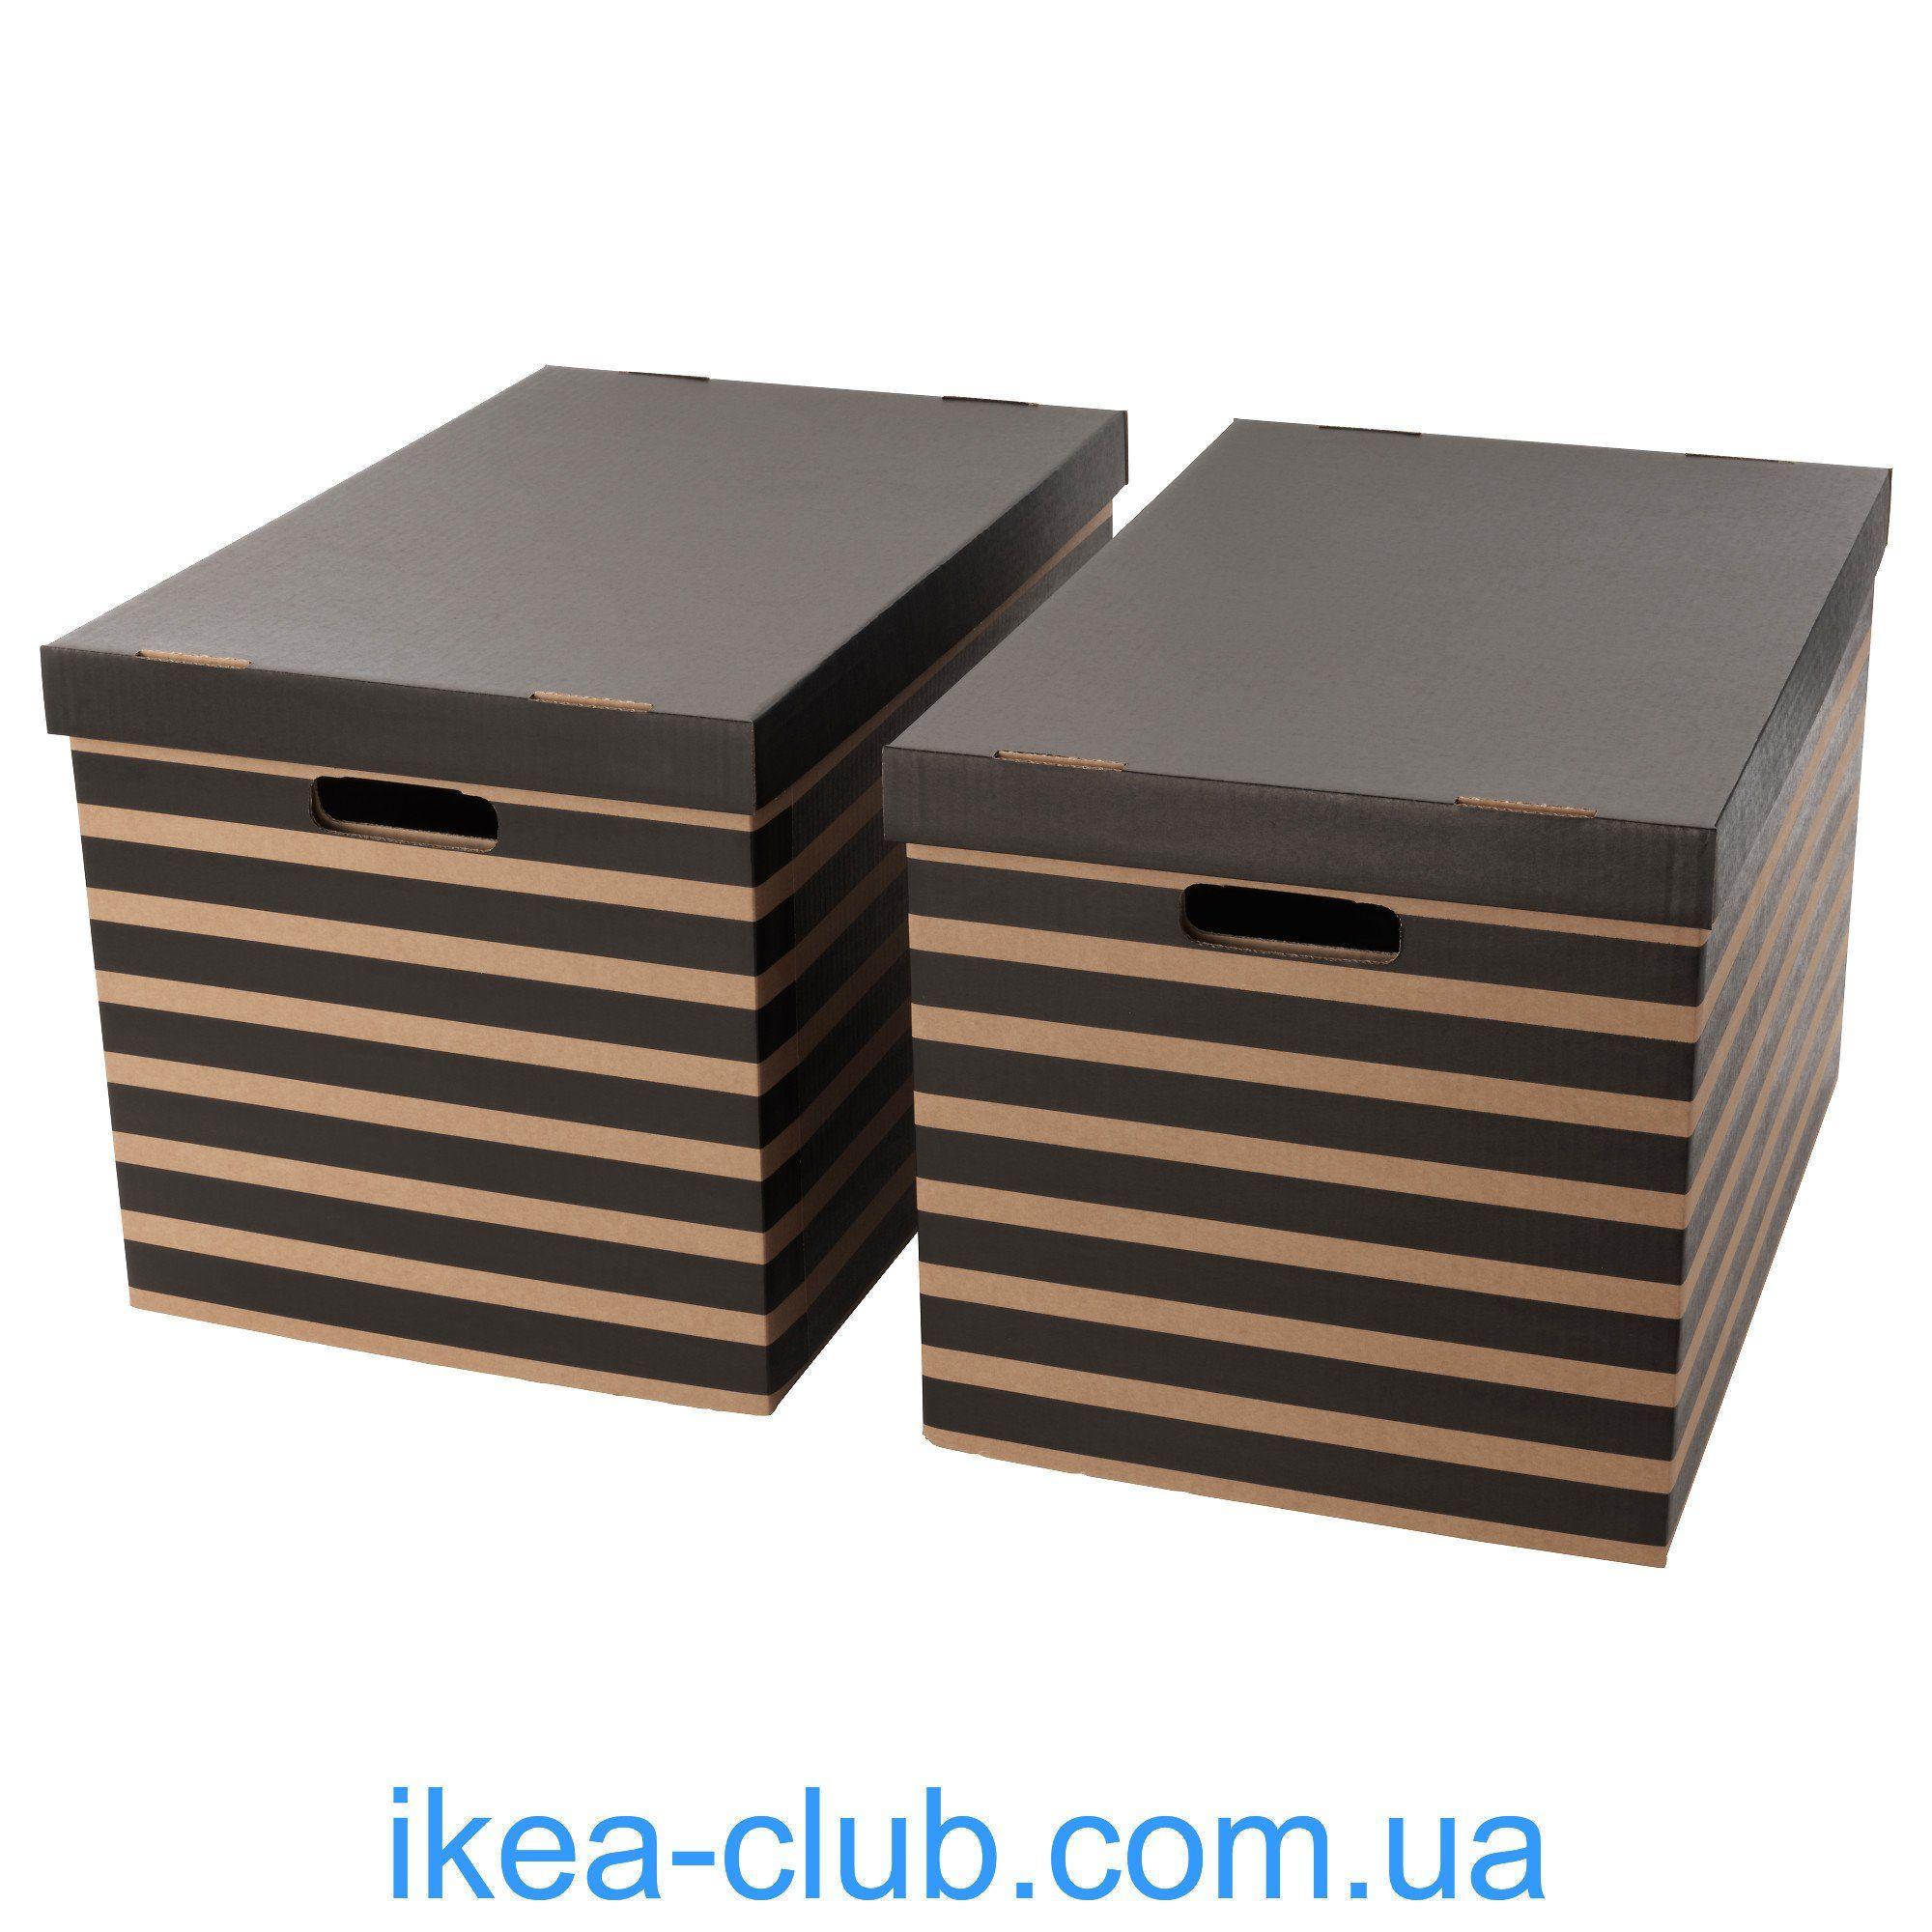 ИКЕА (IKEA) CLUB 39000 товаров ИКЕА в Украине ІКЕА